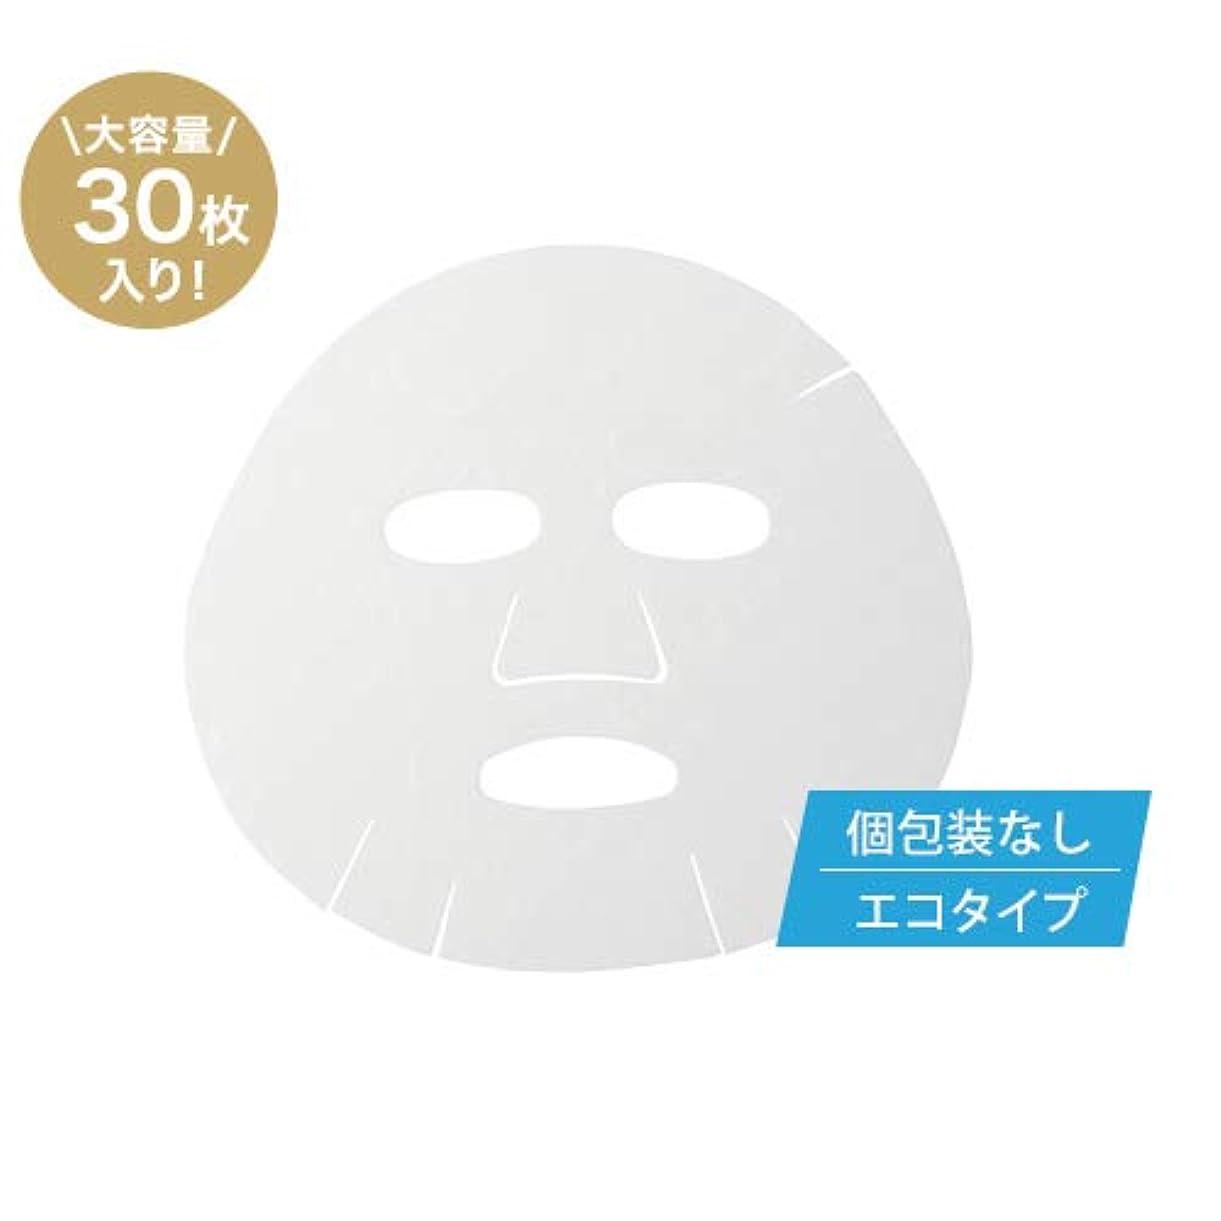 寄託しおれた遺跡MAMEW エッセンスシートマスク(個包装無し?大容量タイプ)-日本製の顔パック-毛穴を引き締める?保湿効果?くすみ?しわ対策におすすめ?お肌しっとり-EGF配合-お得な30枚セット